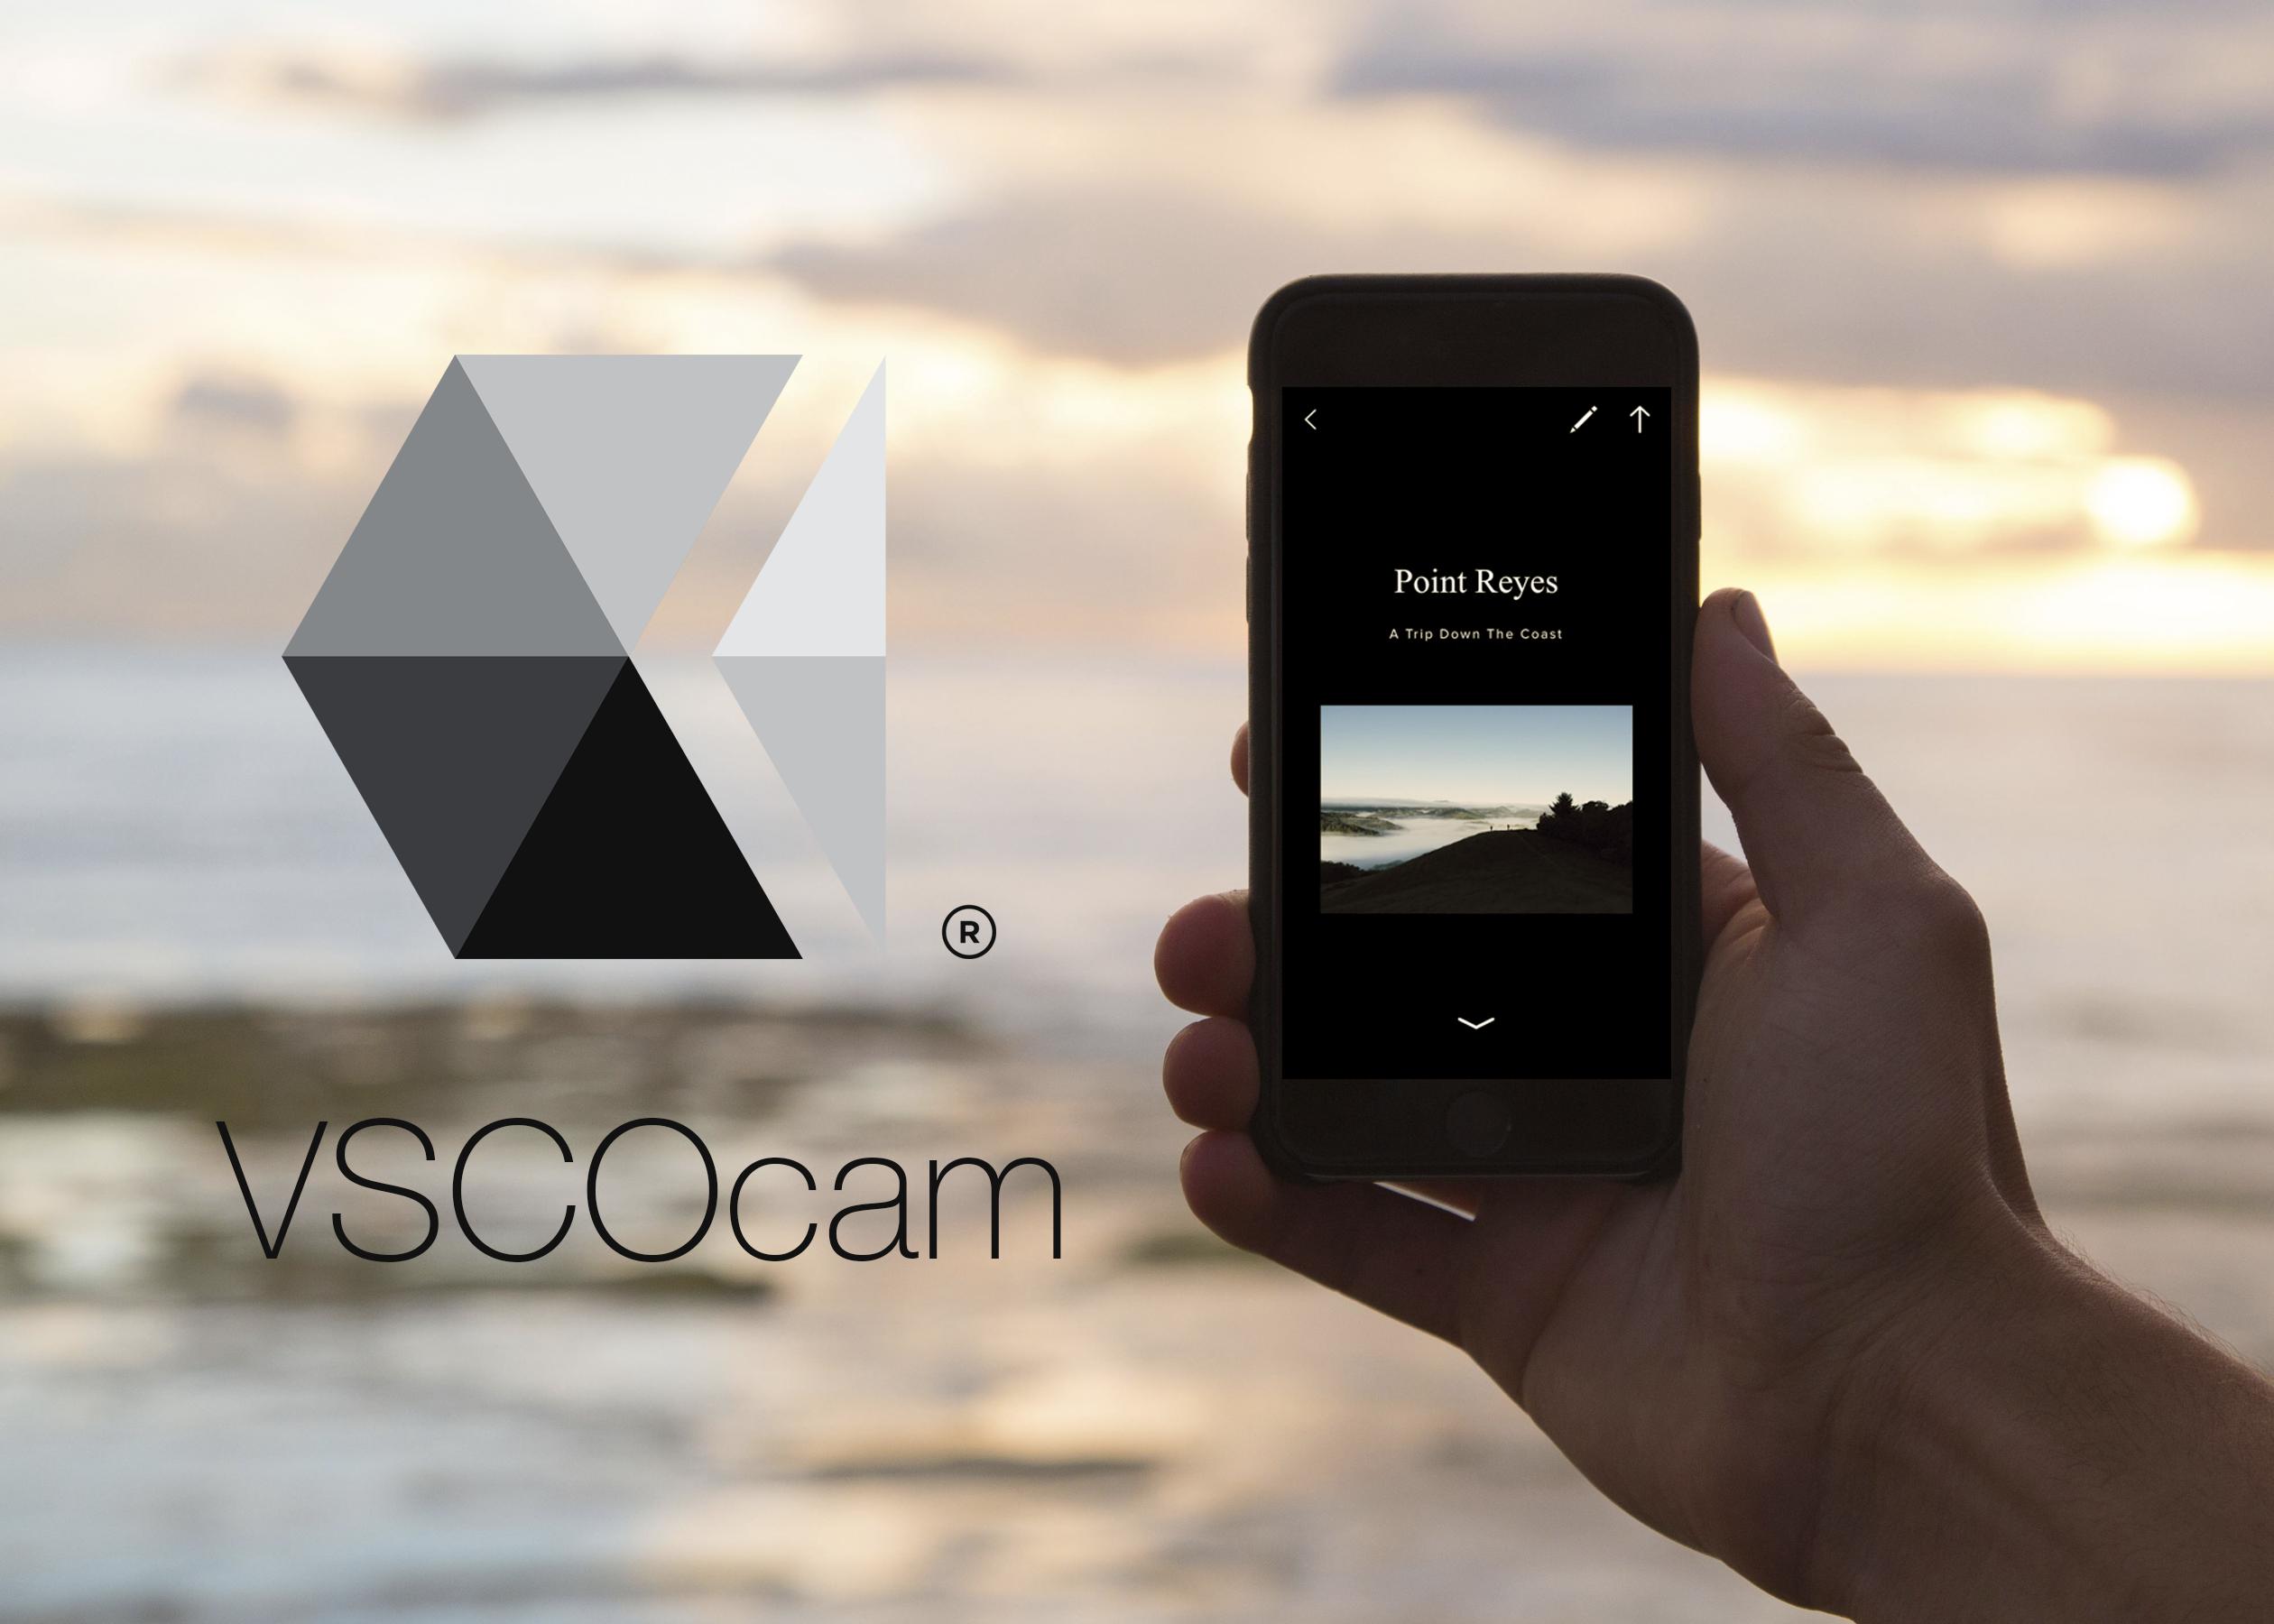 VSCOcam. Самый полный обзор одного из лучших мобильных приложений последних лет